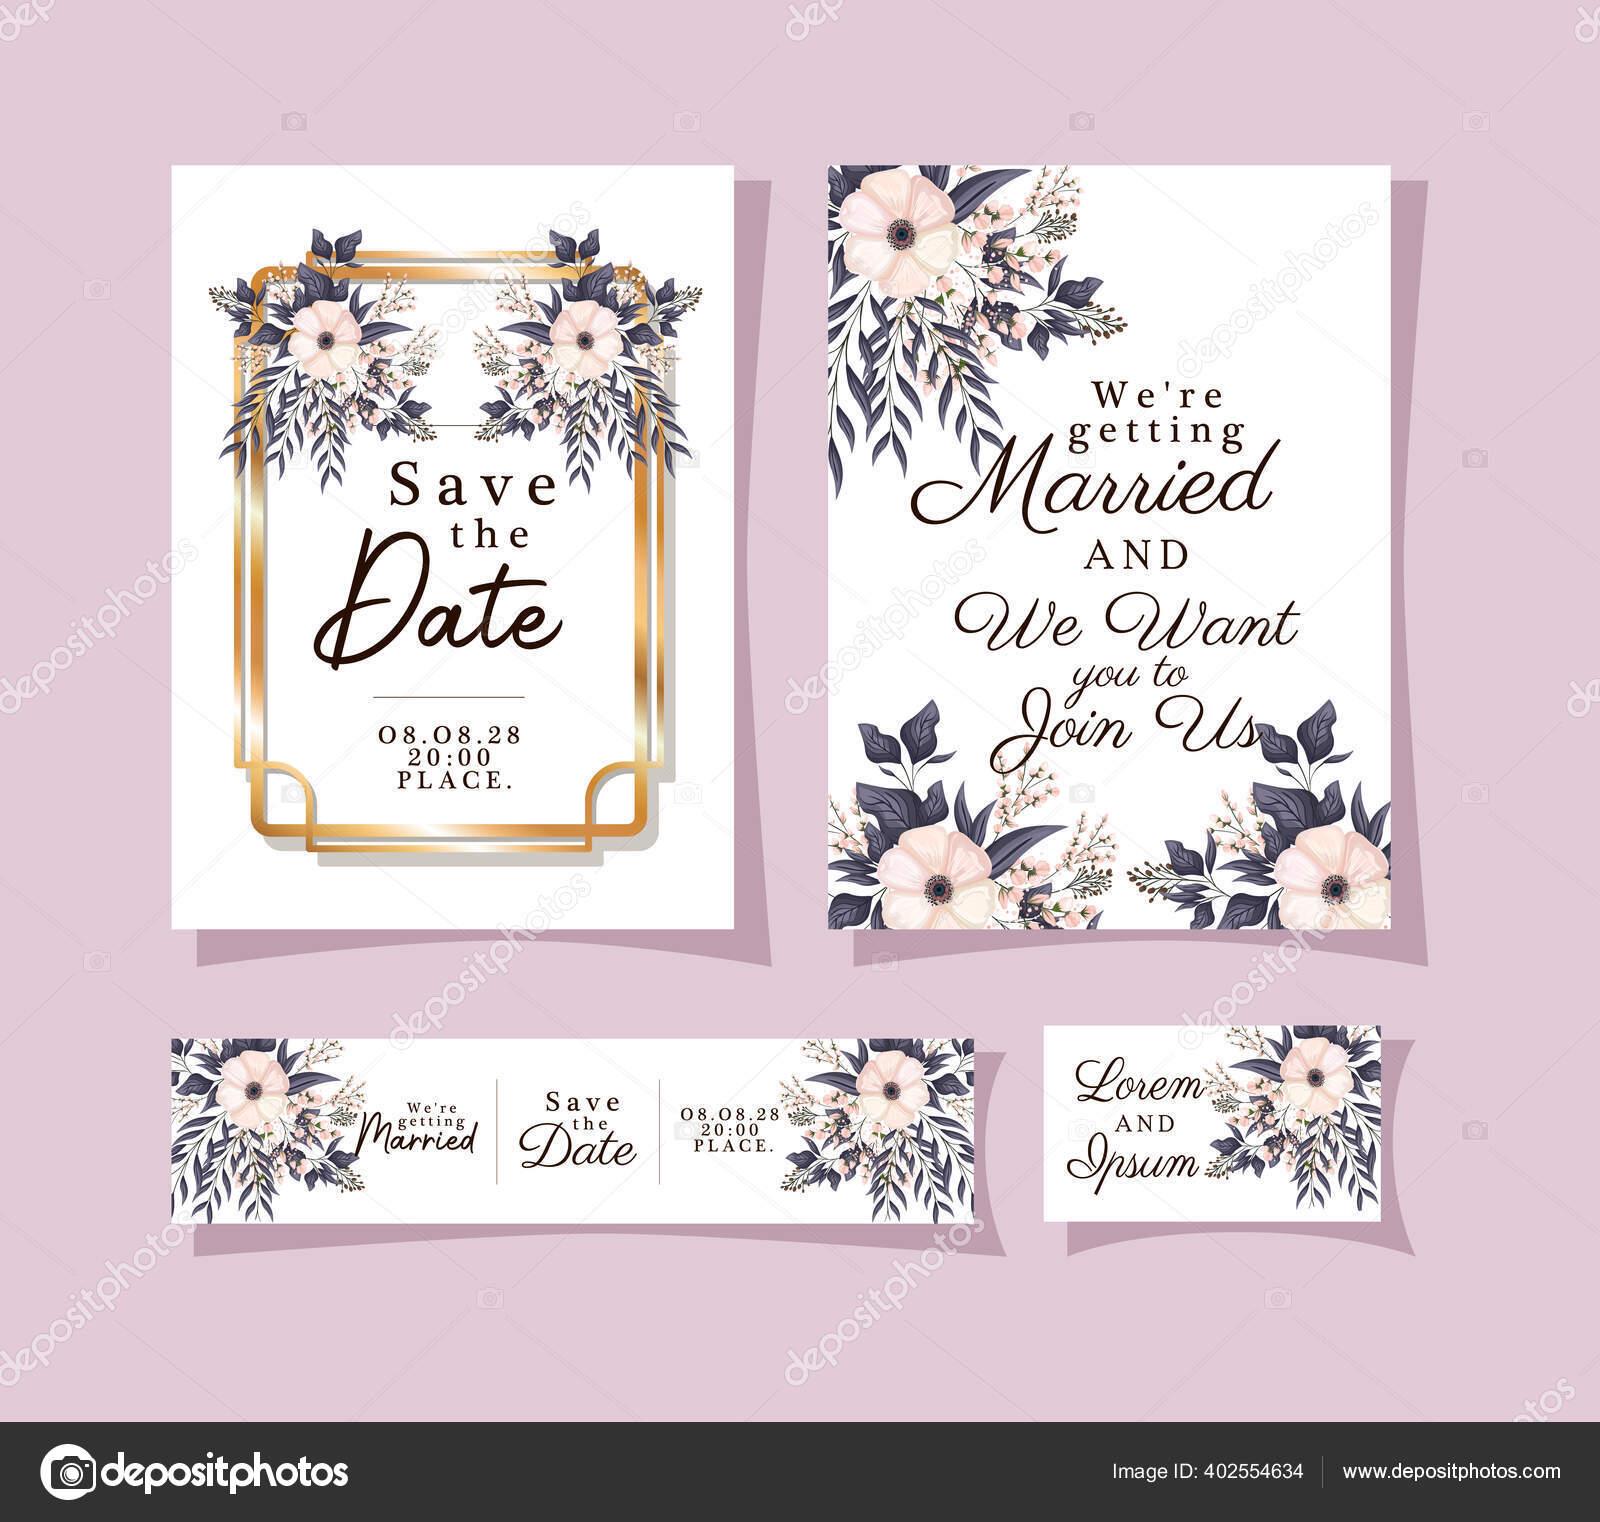 undangan pernikahan diatur dengan bingkai ornamen emas dan bunga putih dengan desain vektor daun stok vektor c grgroupstock 402554634 depositphotos